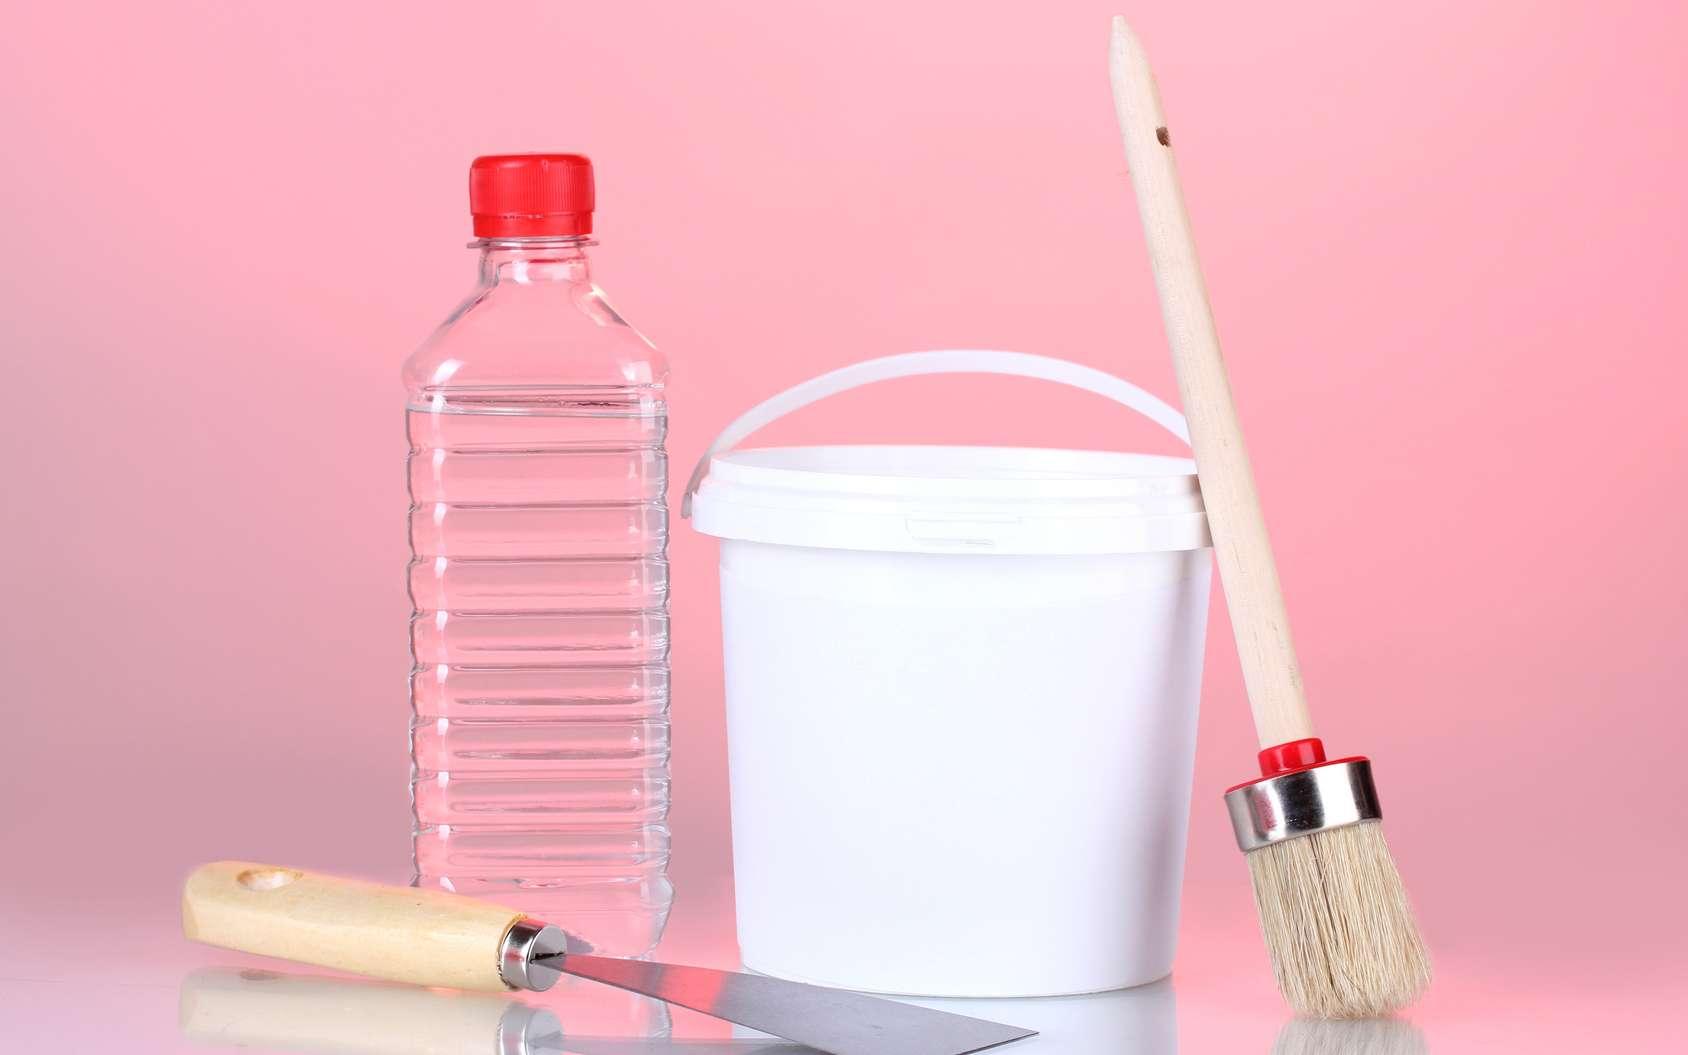 L'acétone est un produit très volatil, notamment utilisé comme solvant pour peintures. © Africa Studio, Fotolia